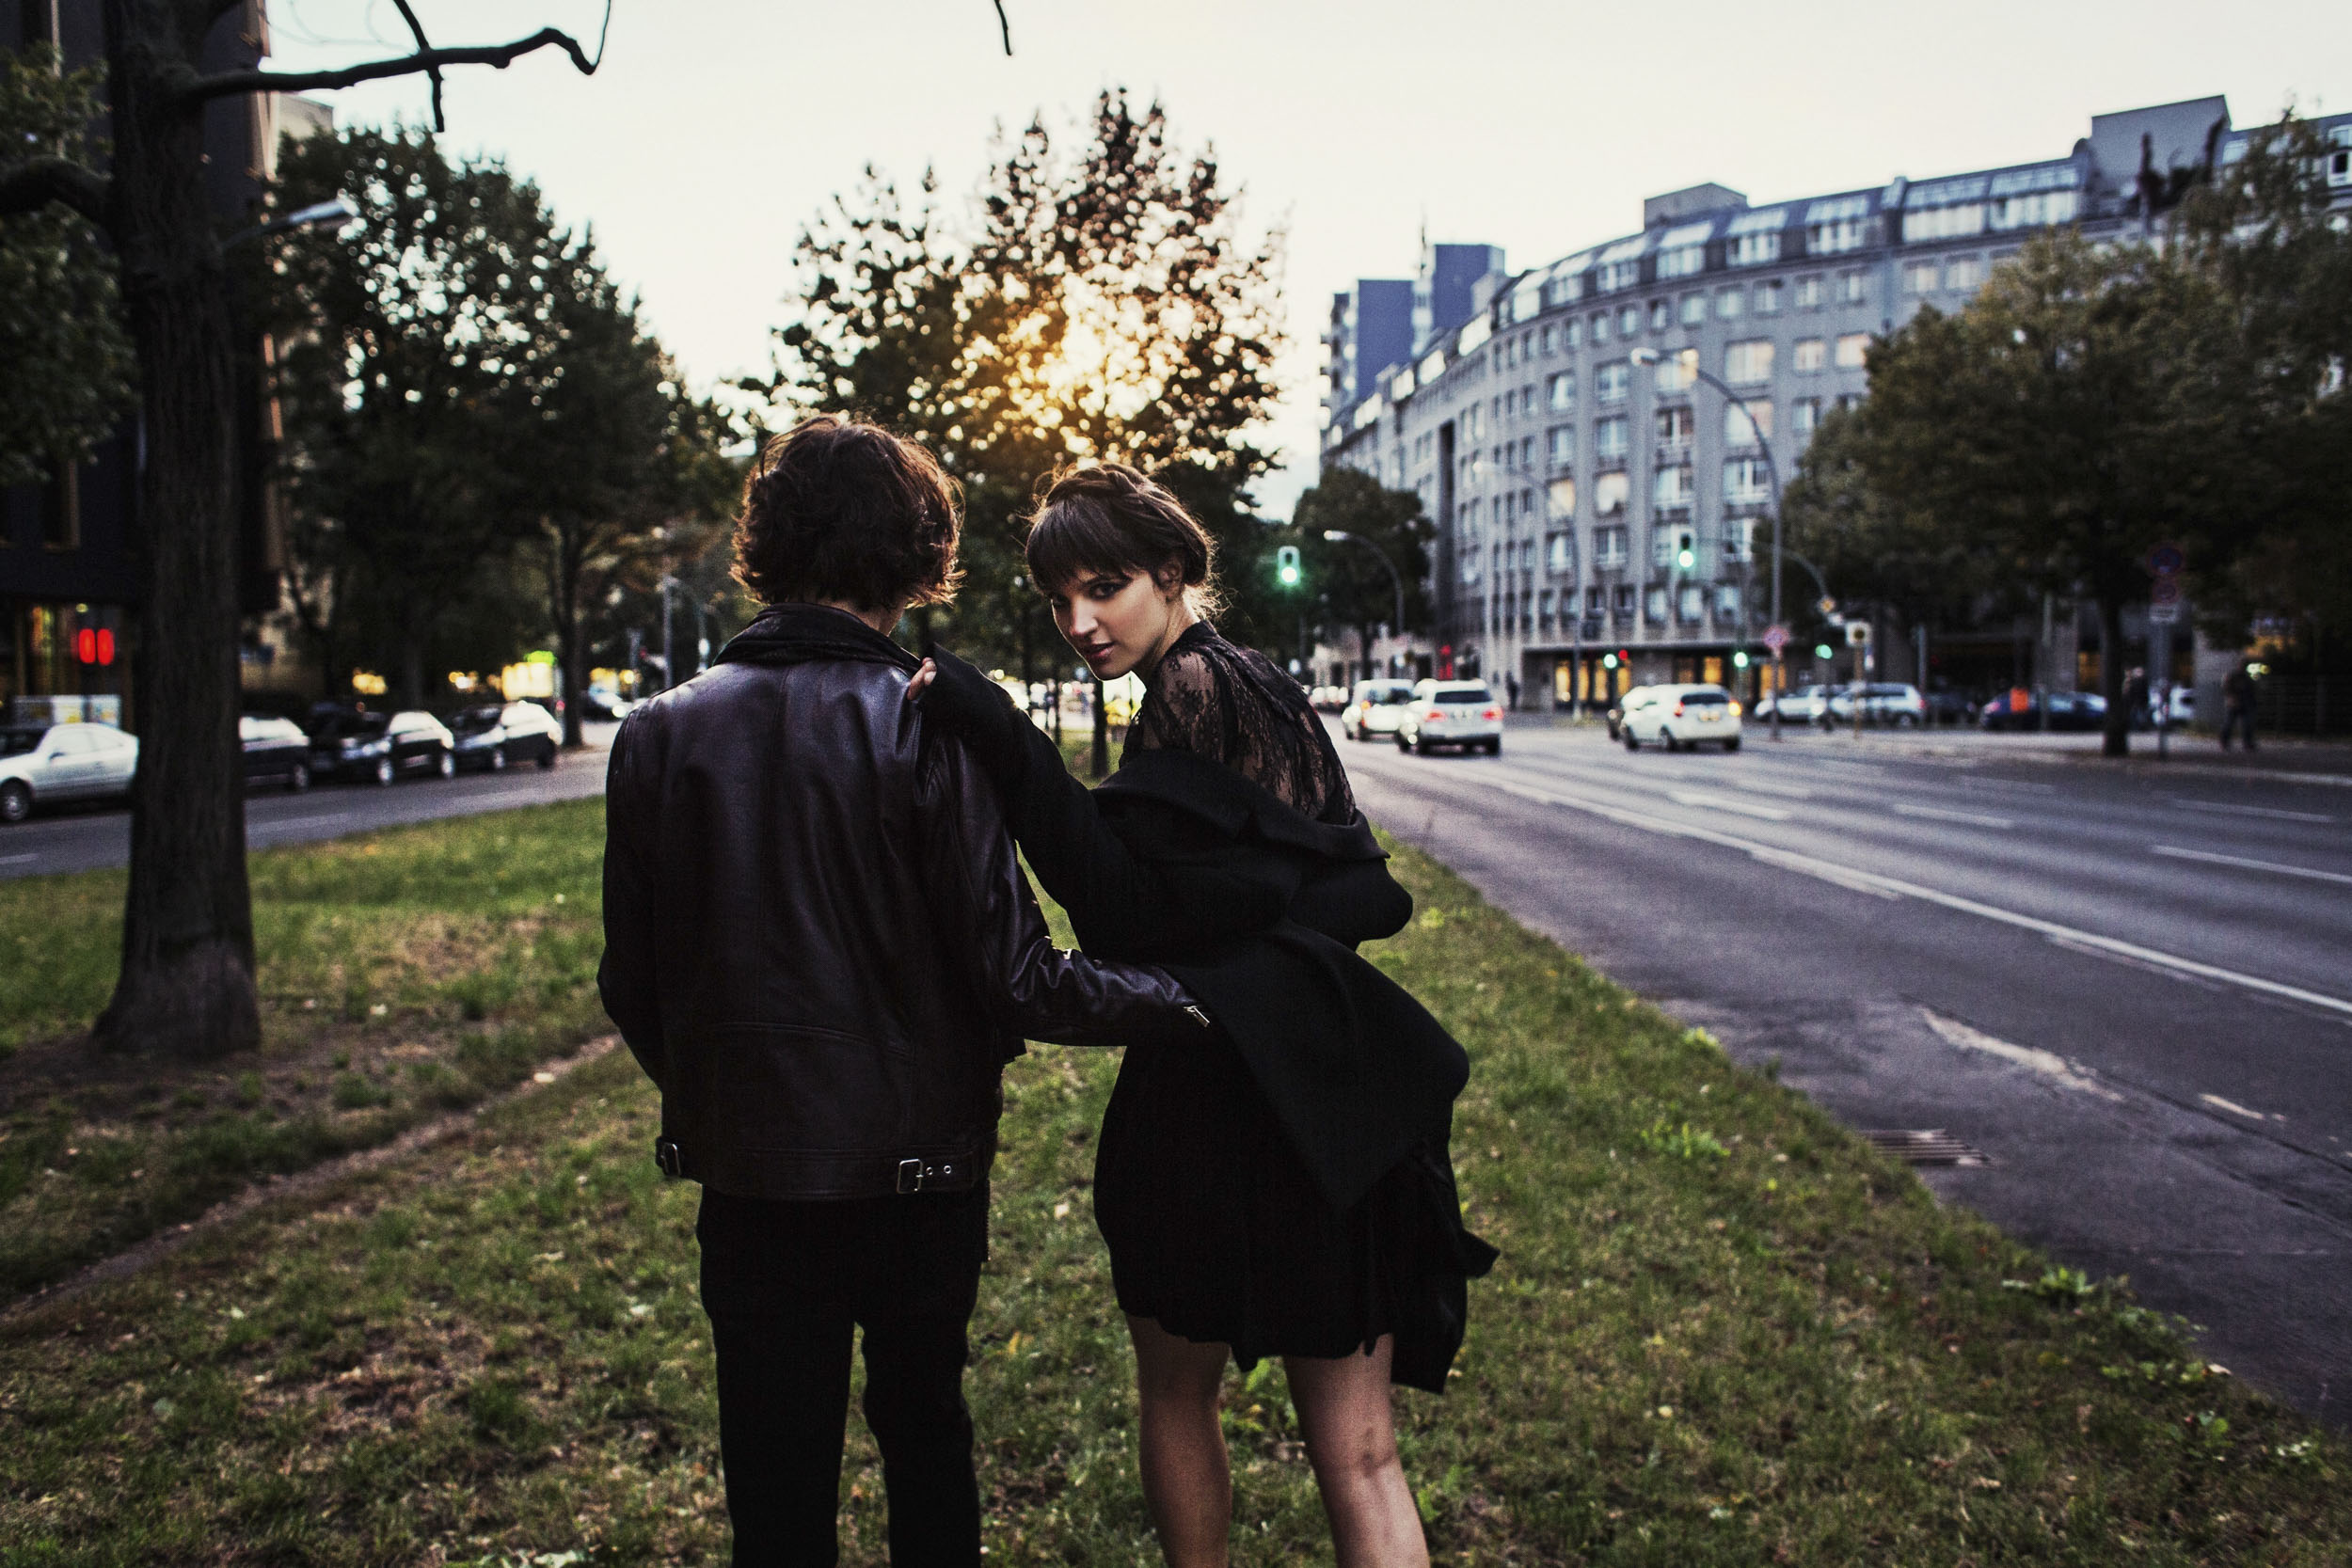 Delia-Baum_Photography_Berlin_Noysoyo_002